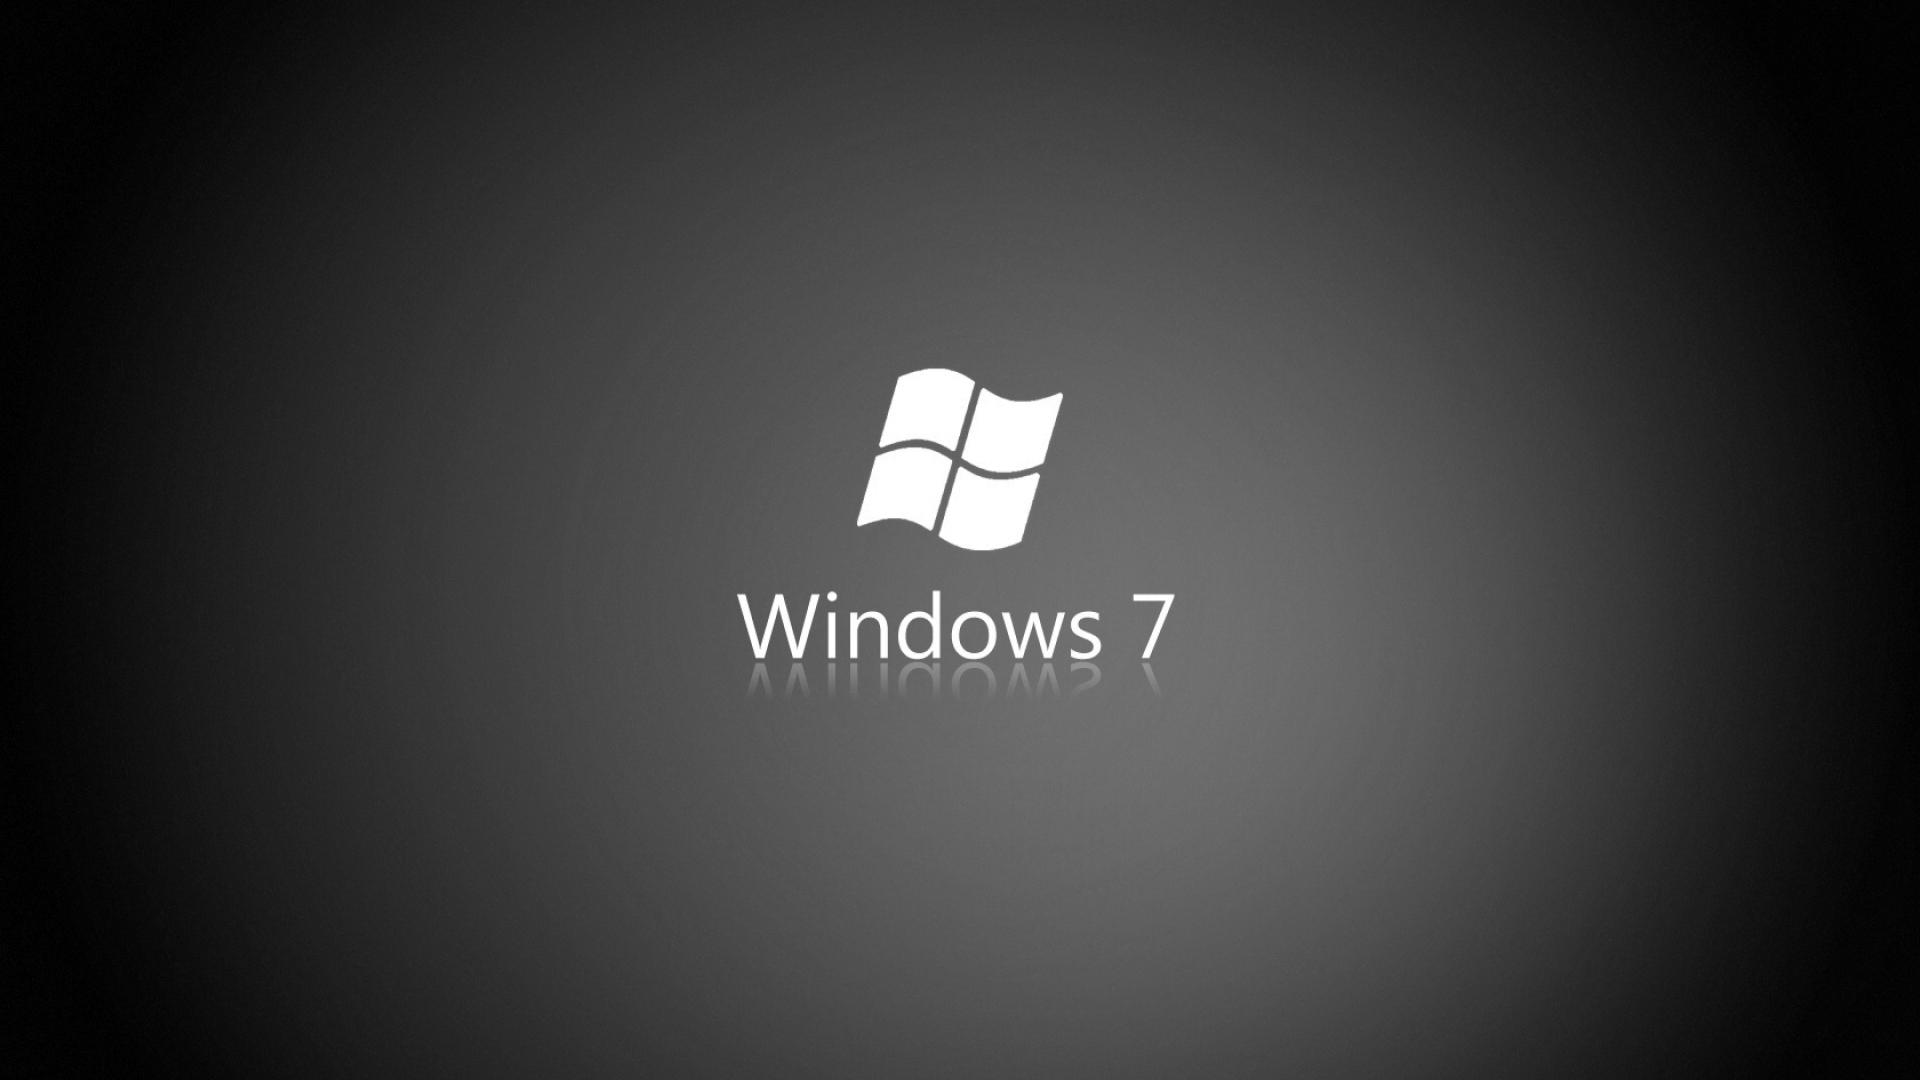 Dziś kończy się wsparcie dla Windows 7. Co to oznacza? 26